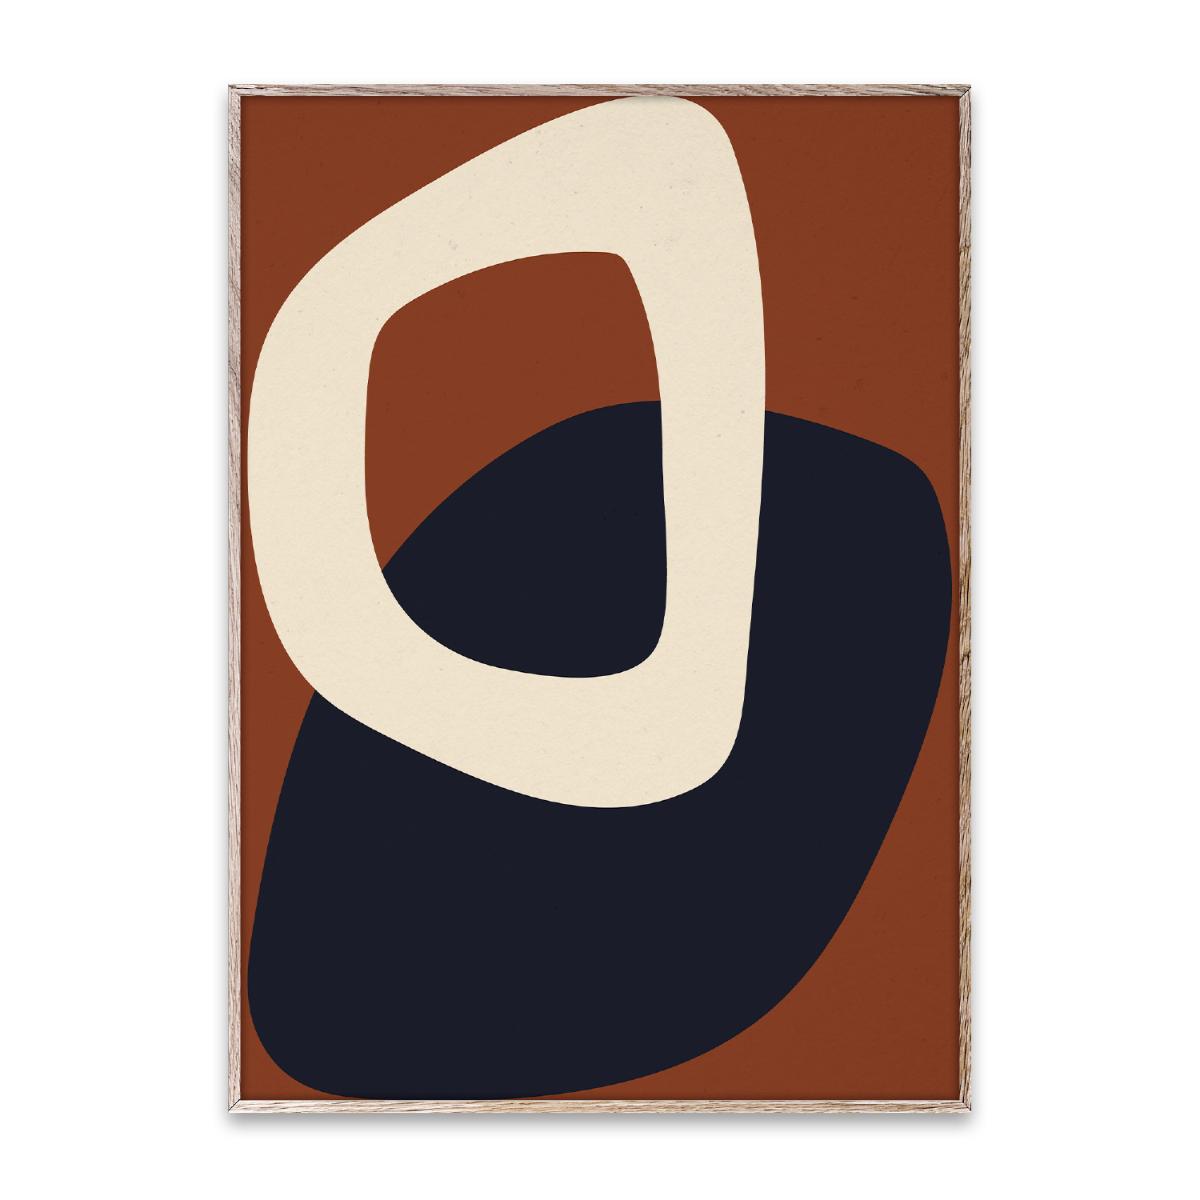 Designtorget Poster Solid Shapes 02 50x70 cm